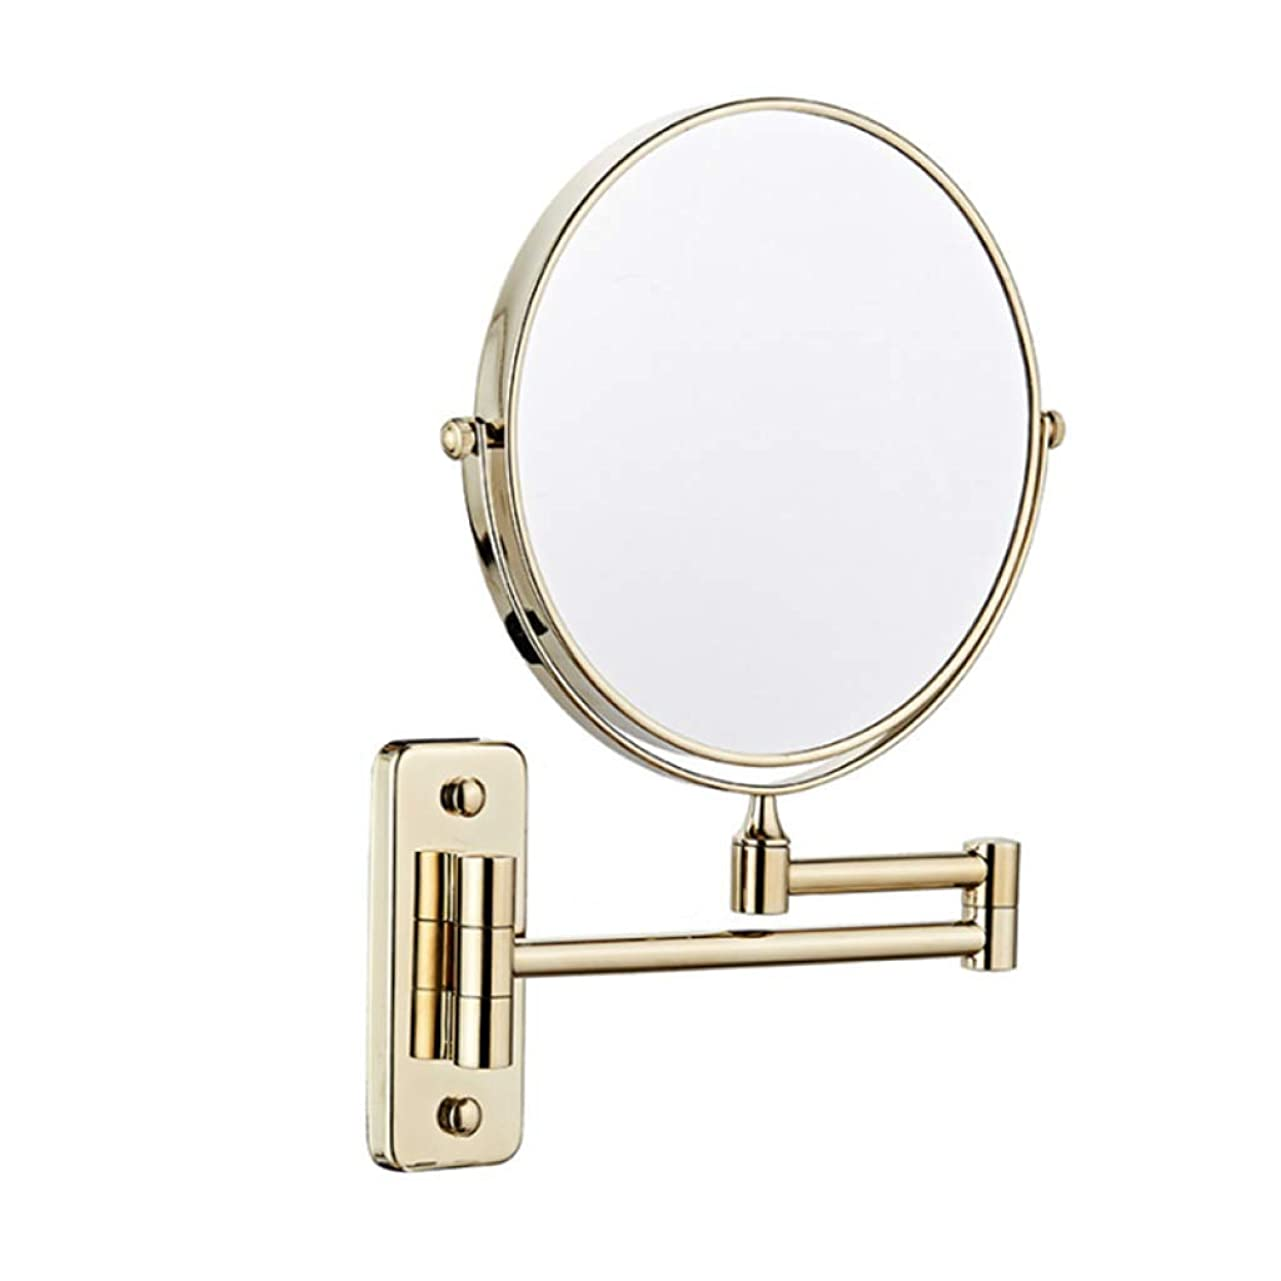 状小説したいALYR 壁掛け式 化粧鏡、両面 化粧鏡 3 ズームイン 化粧鏡 スケーラブル バスルームミラー ベッドルームまたはバスルームで剃る,Gold